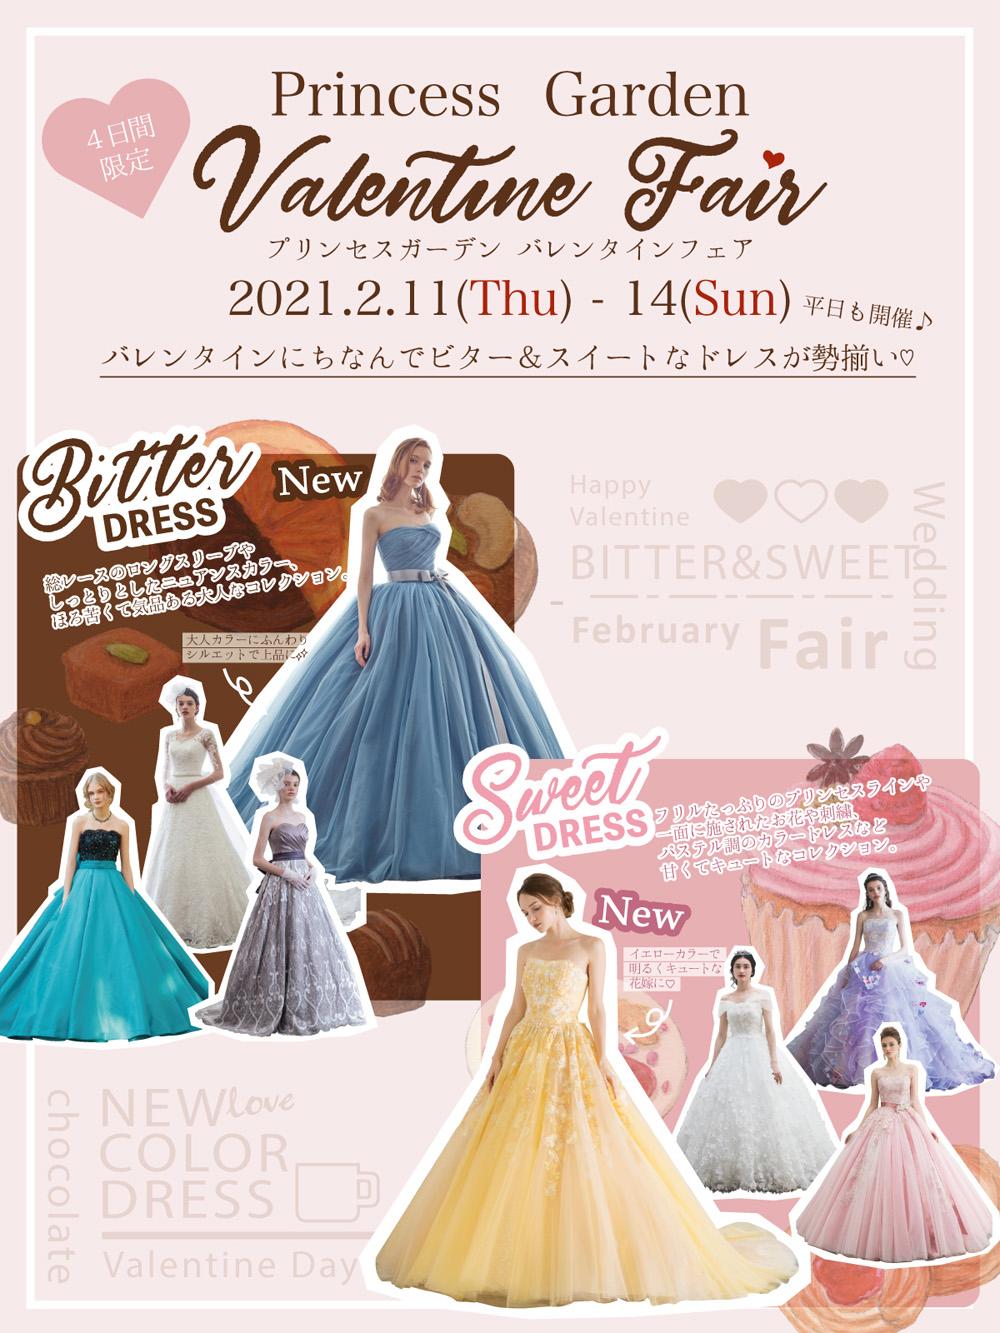 プリンセスガーデン バレンタインフェア